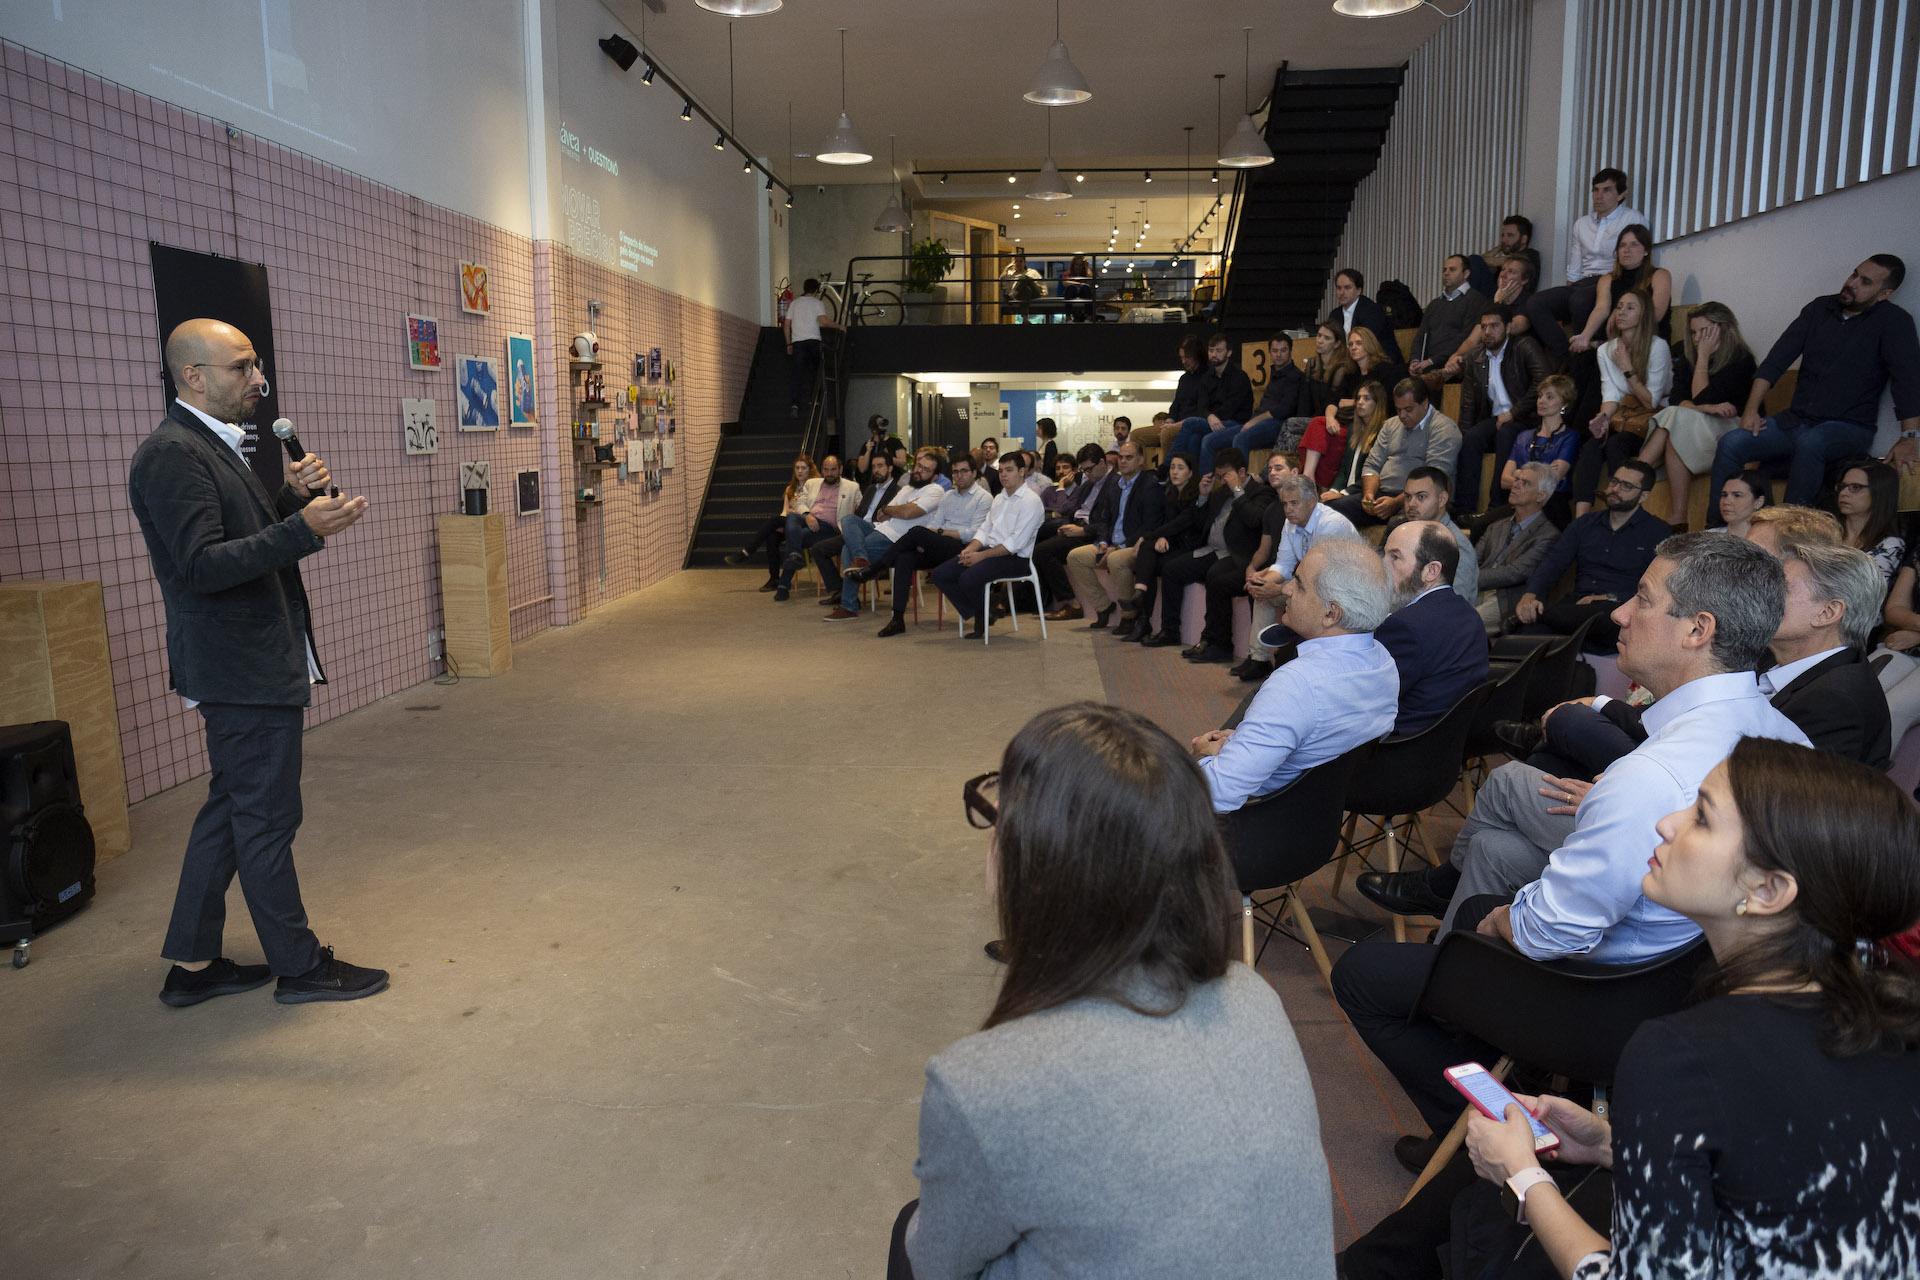 são paulo - sp 13 ago 2019 palestra de leonardo massareli, cco da questtonó, no evento inovar é preciso na sede da questtonó, no bairro pompeia, em são paulo. crédito joyce cury